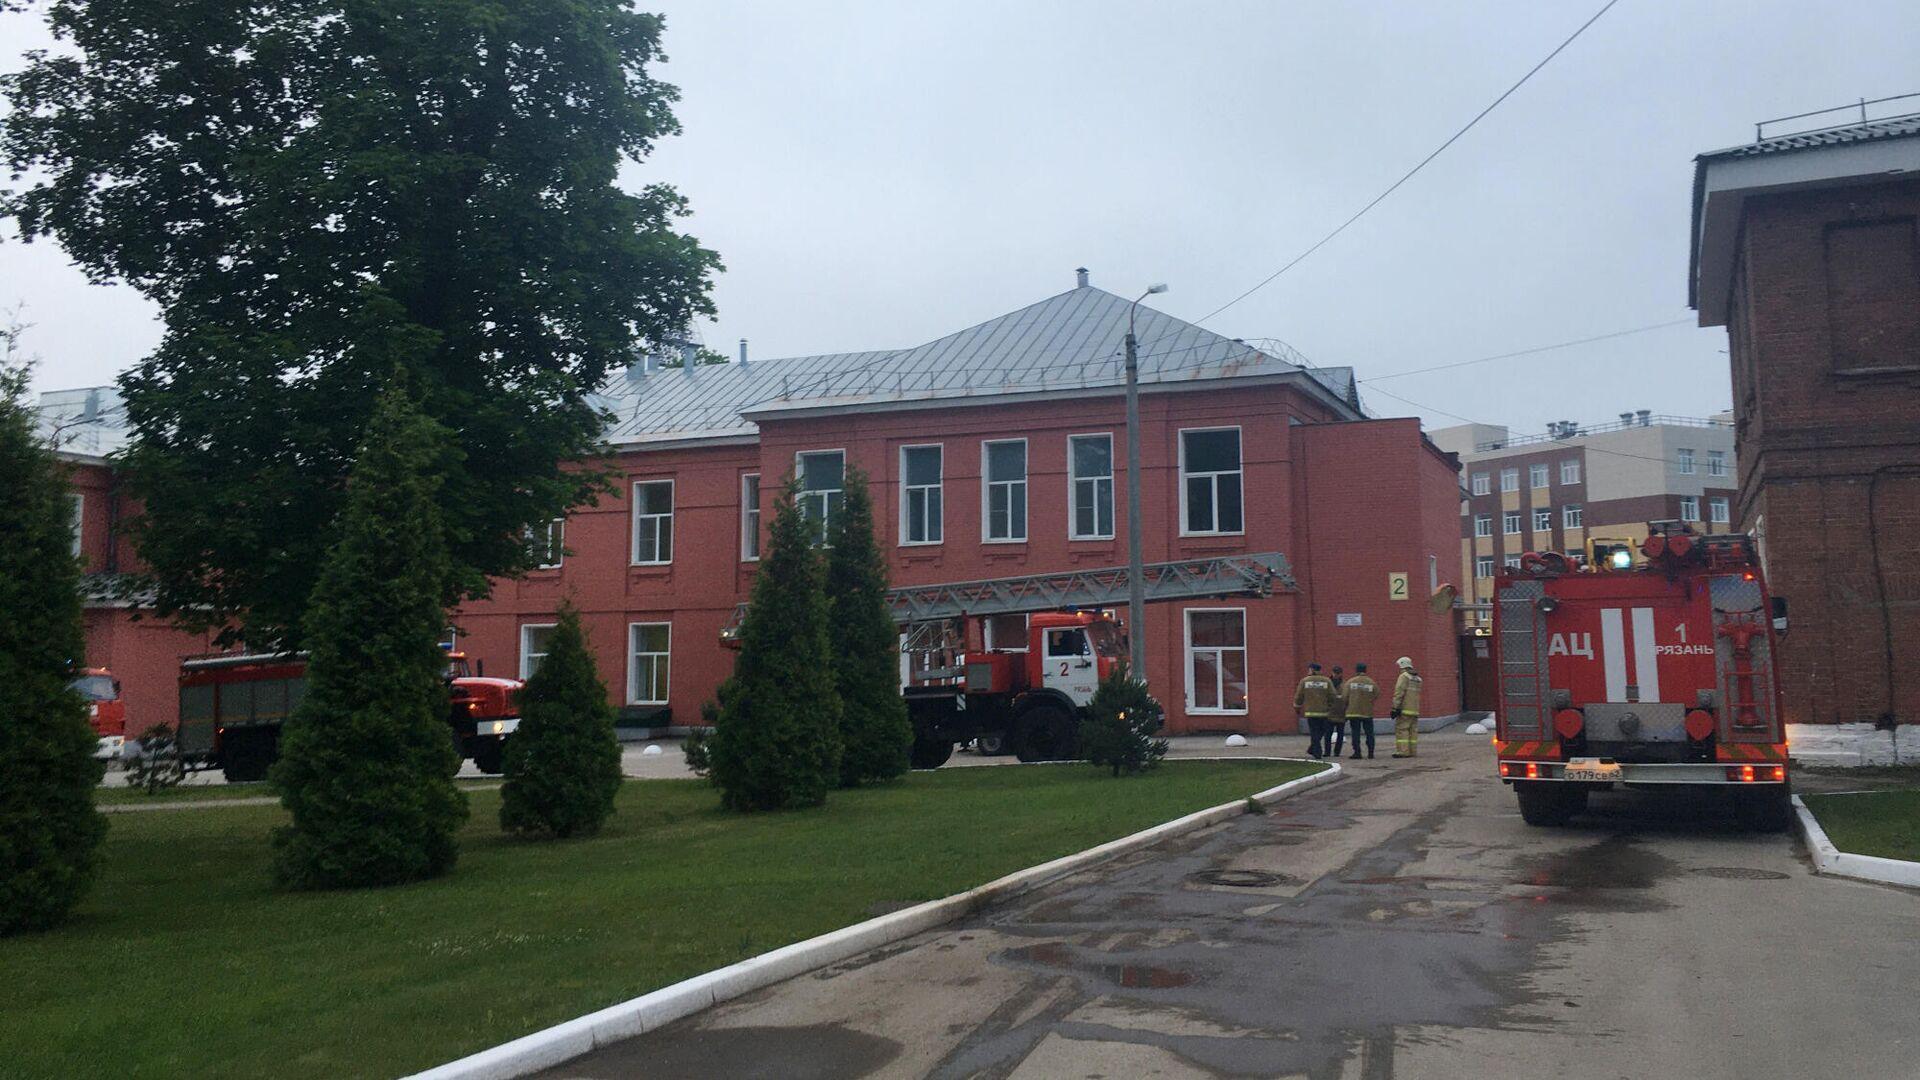 Машины и сотрудники пожарной службы возле больницы в Рязани, где в результате пожара в реанимационном отделении погибли два человека - РИА Новости, 1920, 09.06.2021